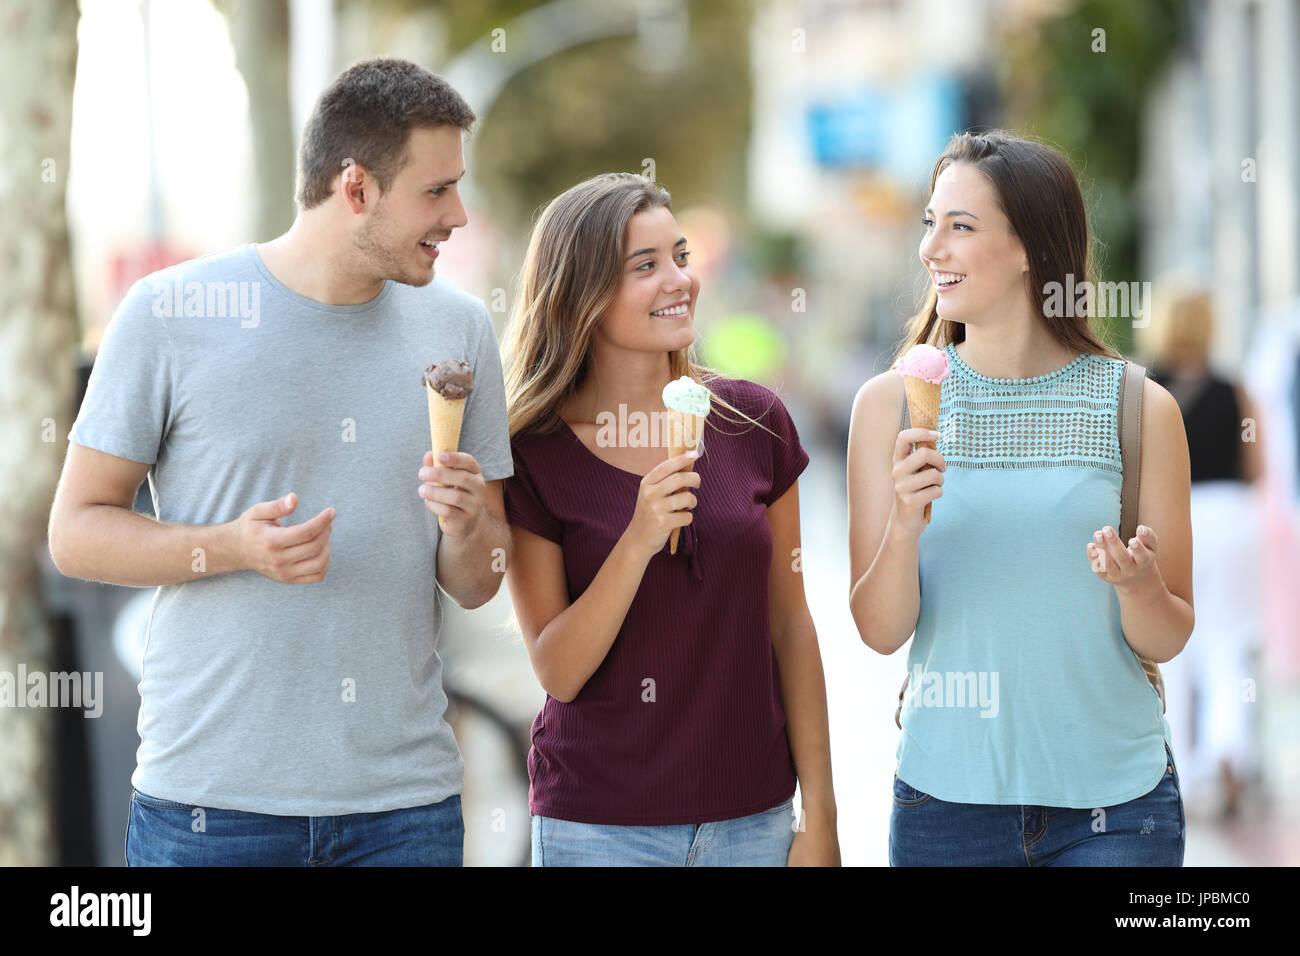 Vista frontale di tre amici felice di parlare e mangiare gelati a piedi in strada Foto Stock